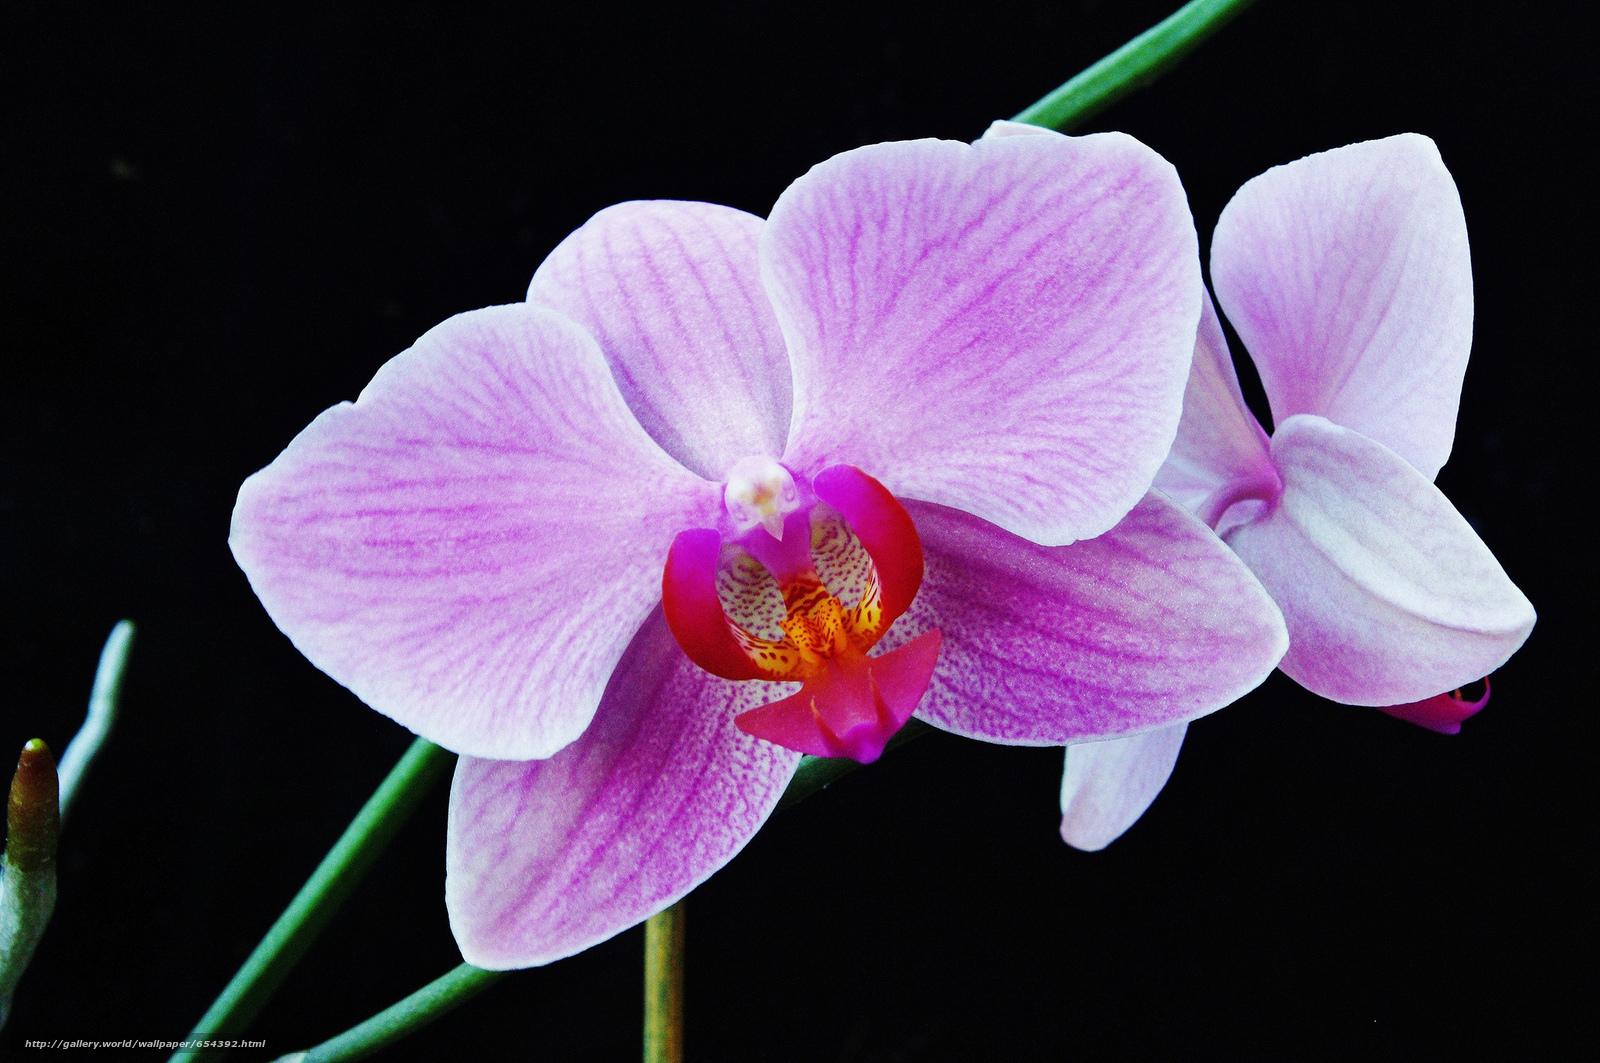 Скачать обои орхидея,  цветок,  флора бесплатно для рабочего стола в разрешении 2048x1360 — картинка №654392